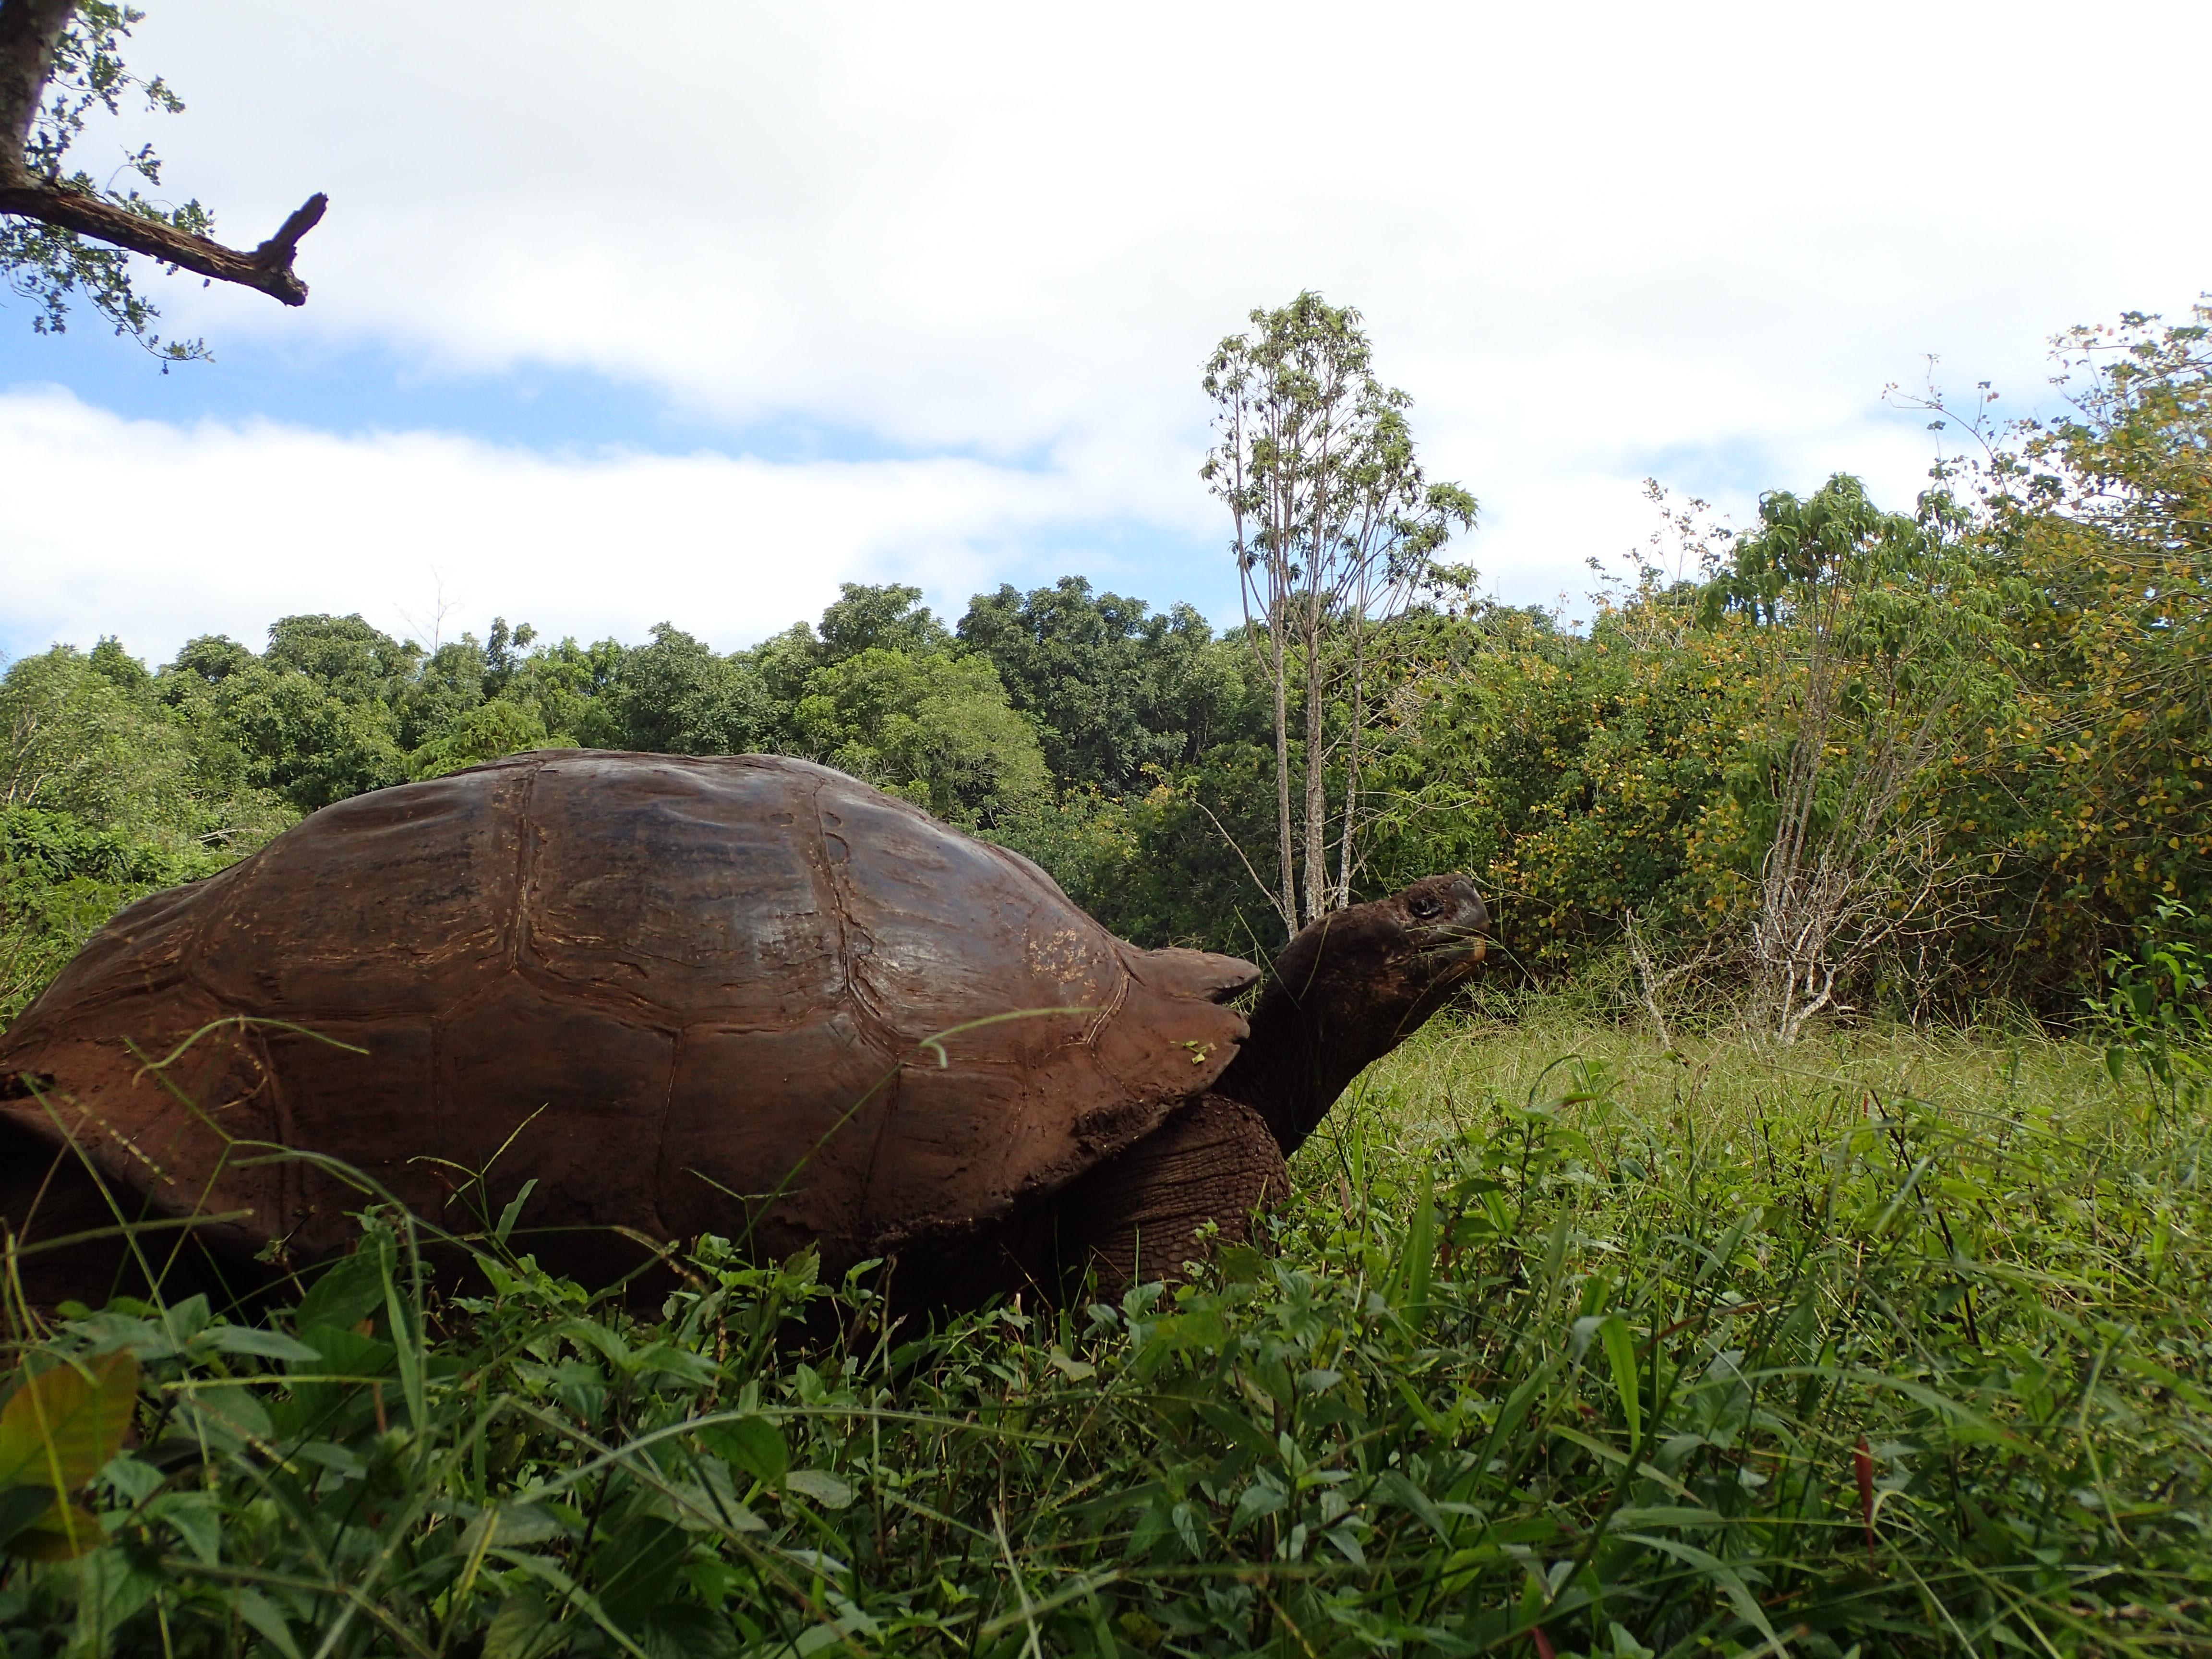 写真で、エクアドルのガラパゴス諸島に行ってみよう!!1日目:ゾウガメの甲羅の中でもそもそする